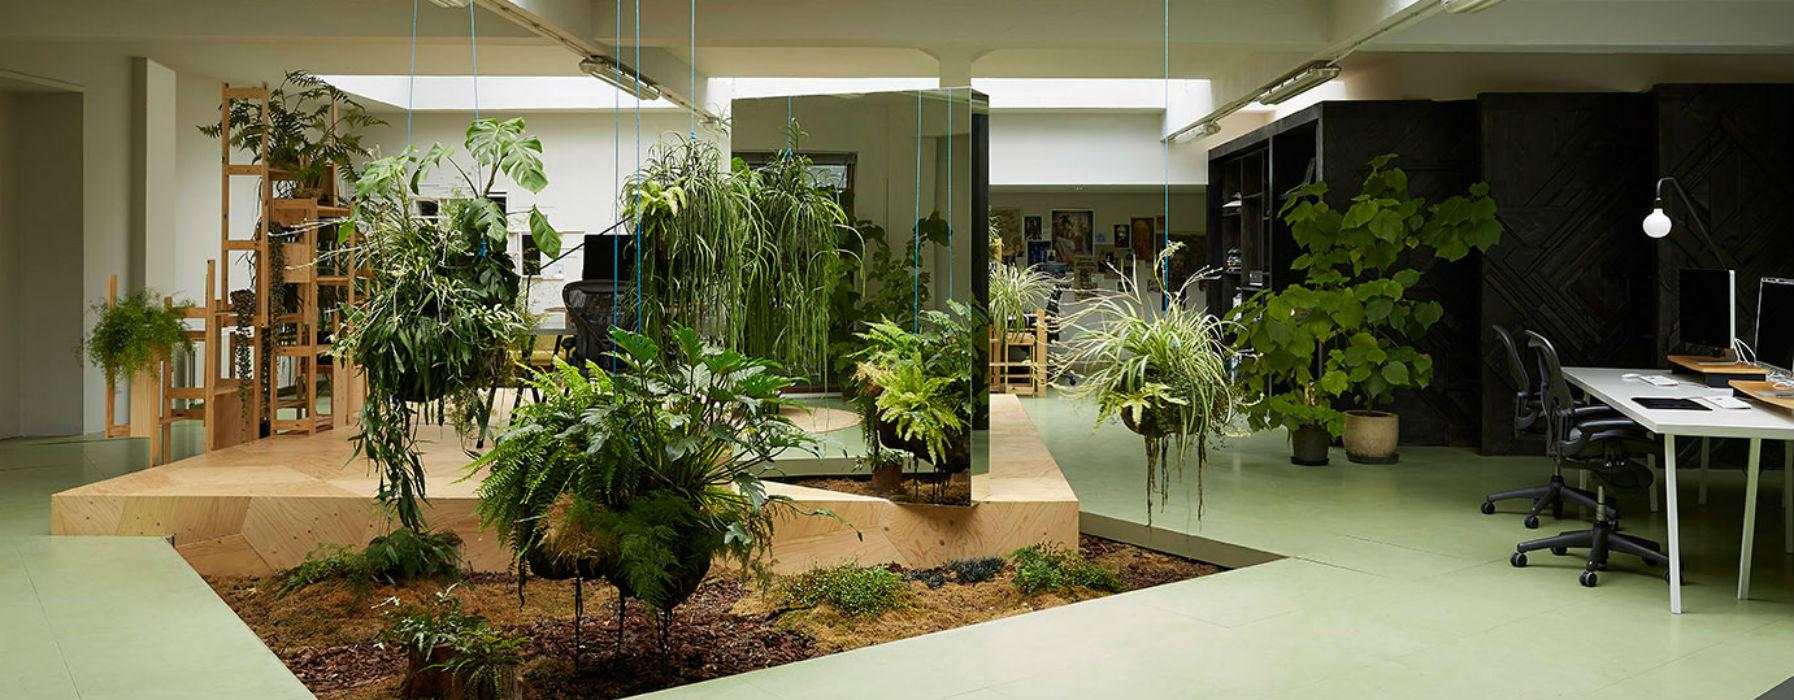 Mobili da giardino usati lombardia idee creative e for Esposizione mobili milano